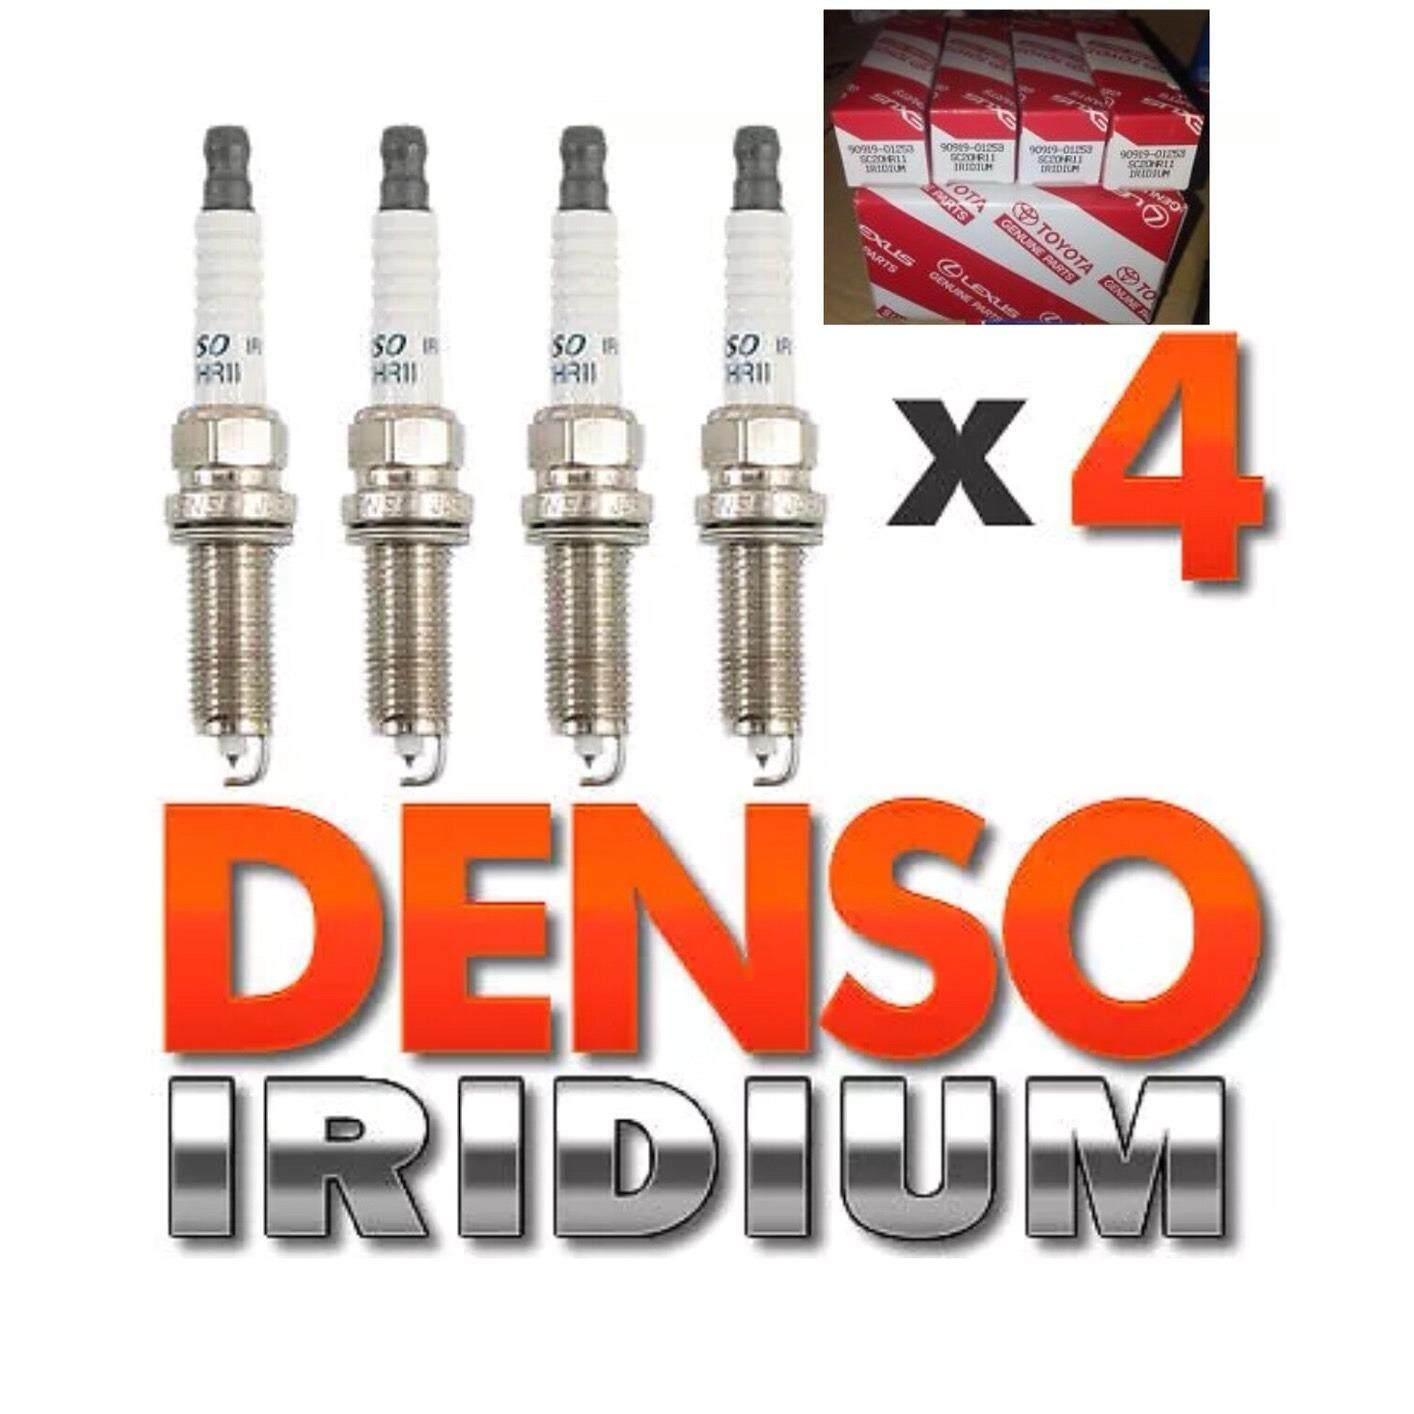 ราคา หัวเทียน Denso Sc20Hr11 Iridium Power 1ชุด4หัว เป็นต้นฉบับ